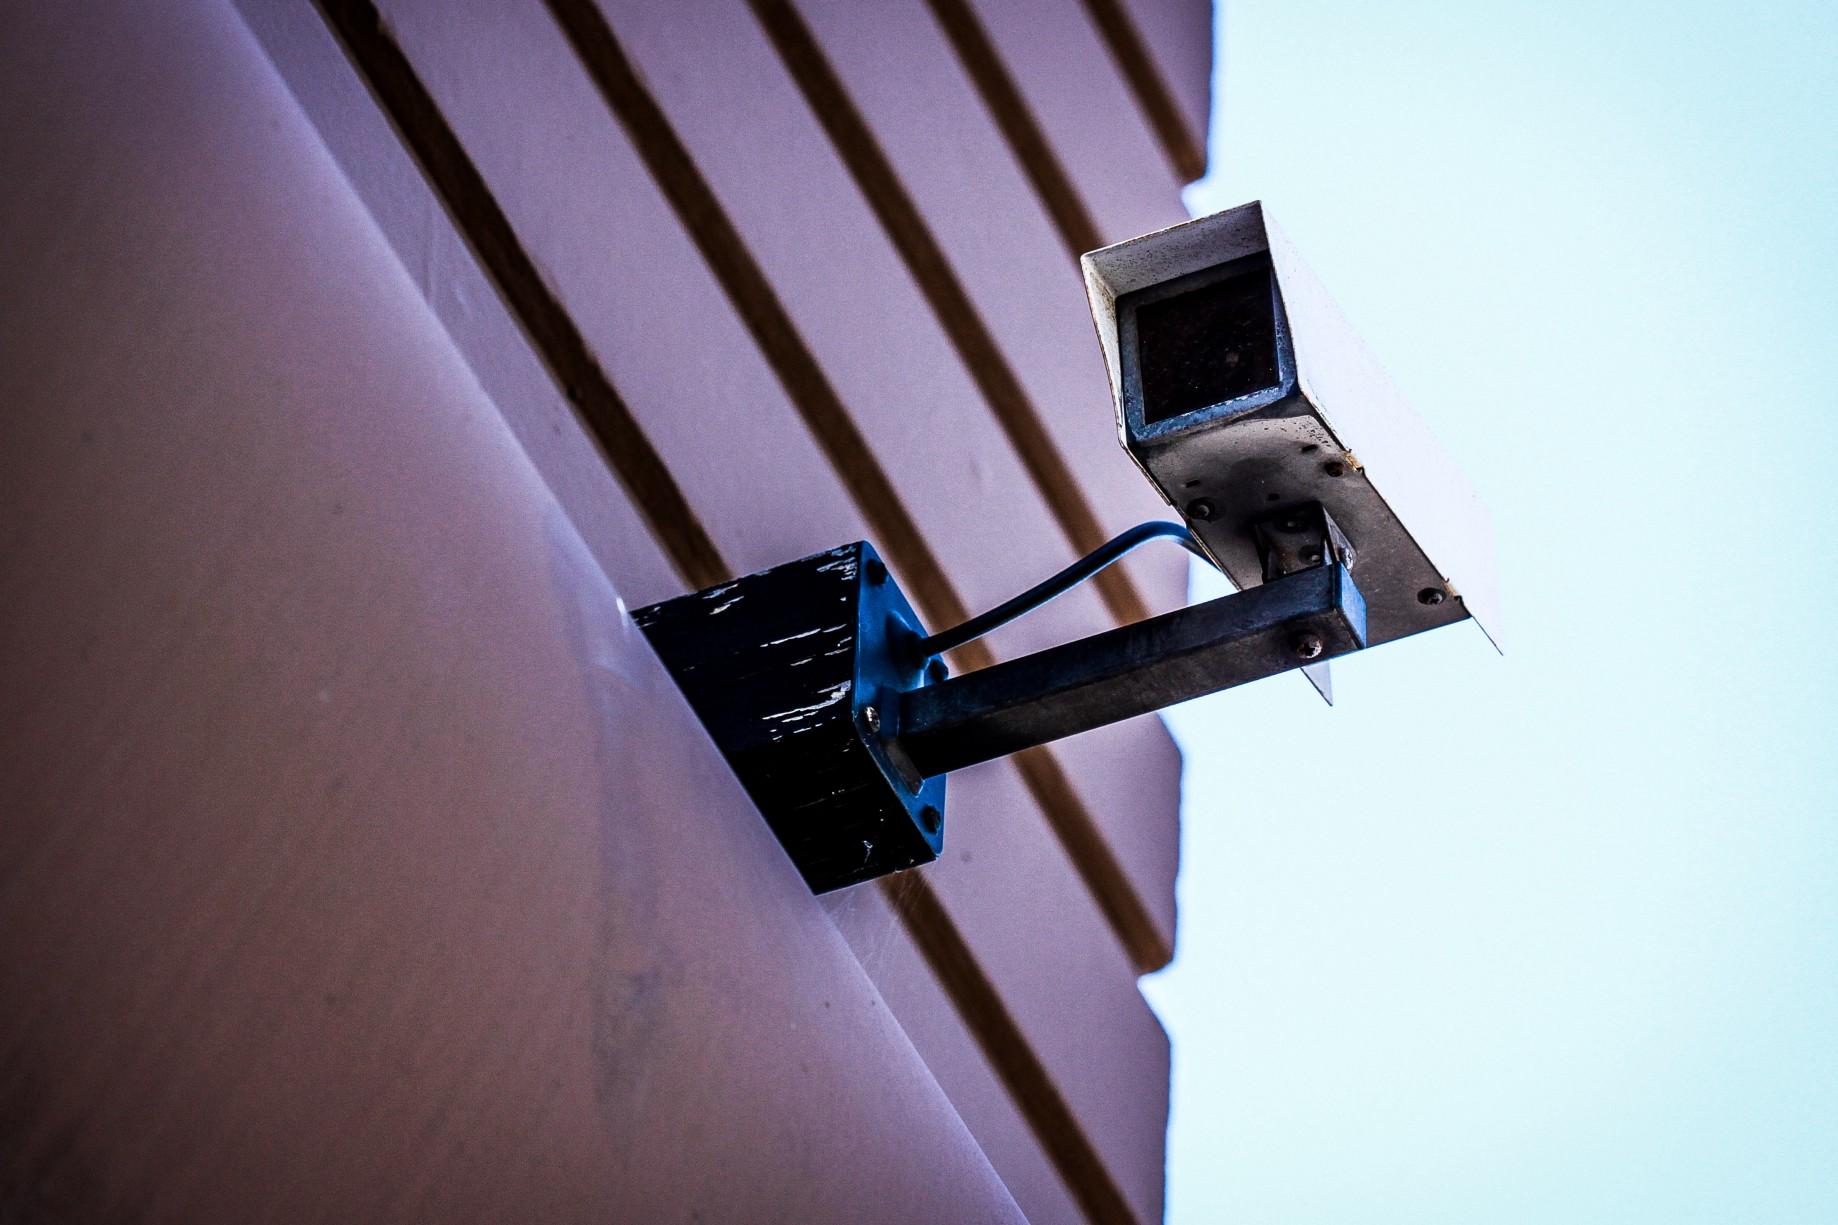 США хотят запретить китайские камеры наблюдения в госучреждениях